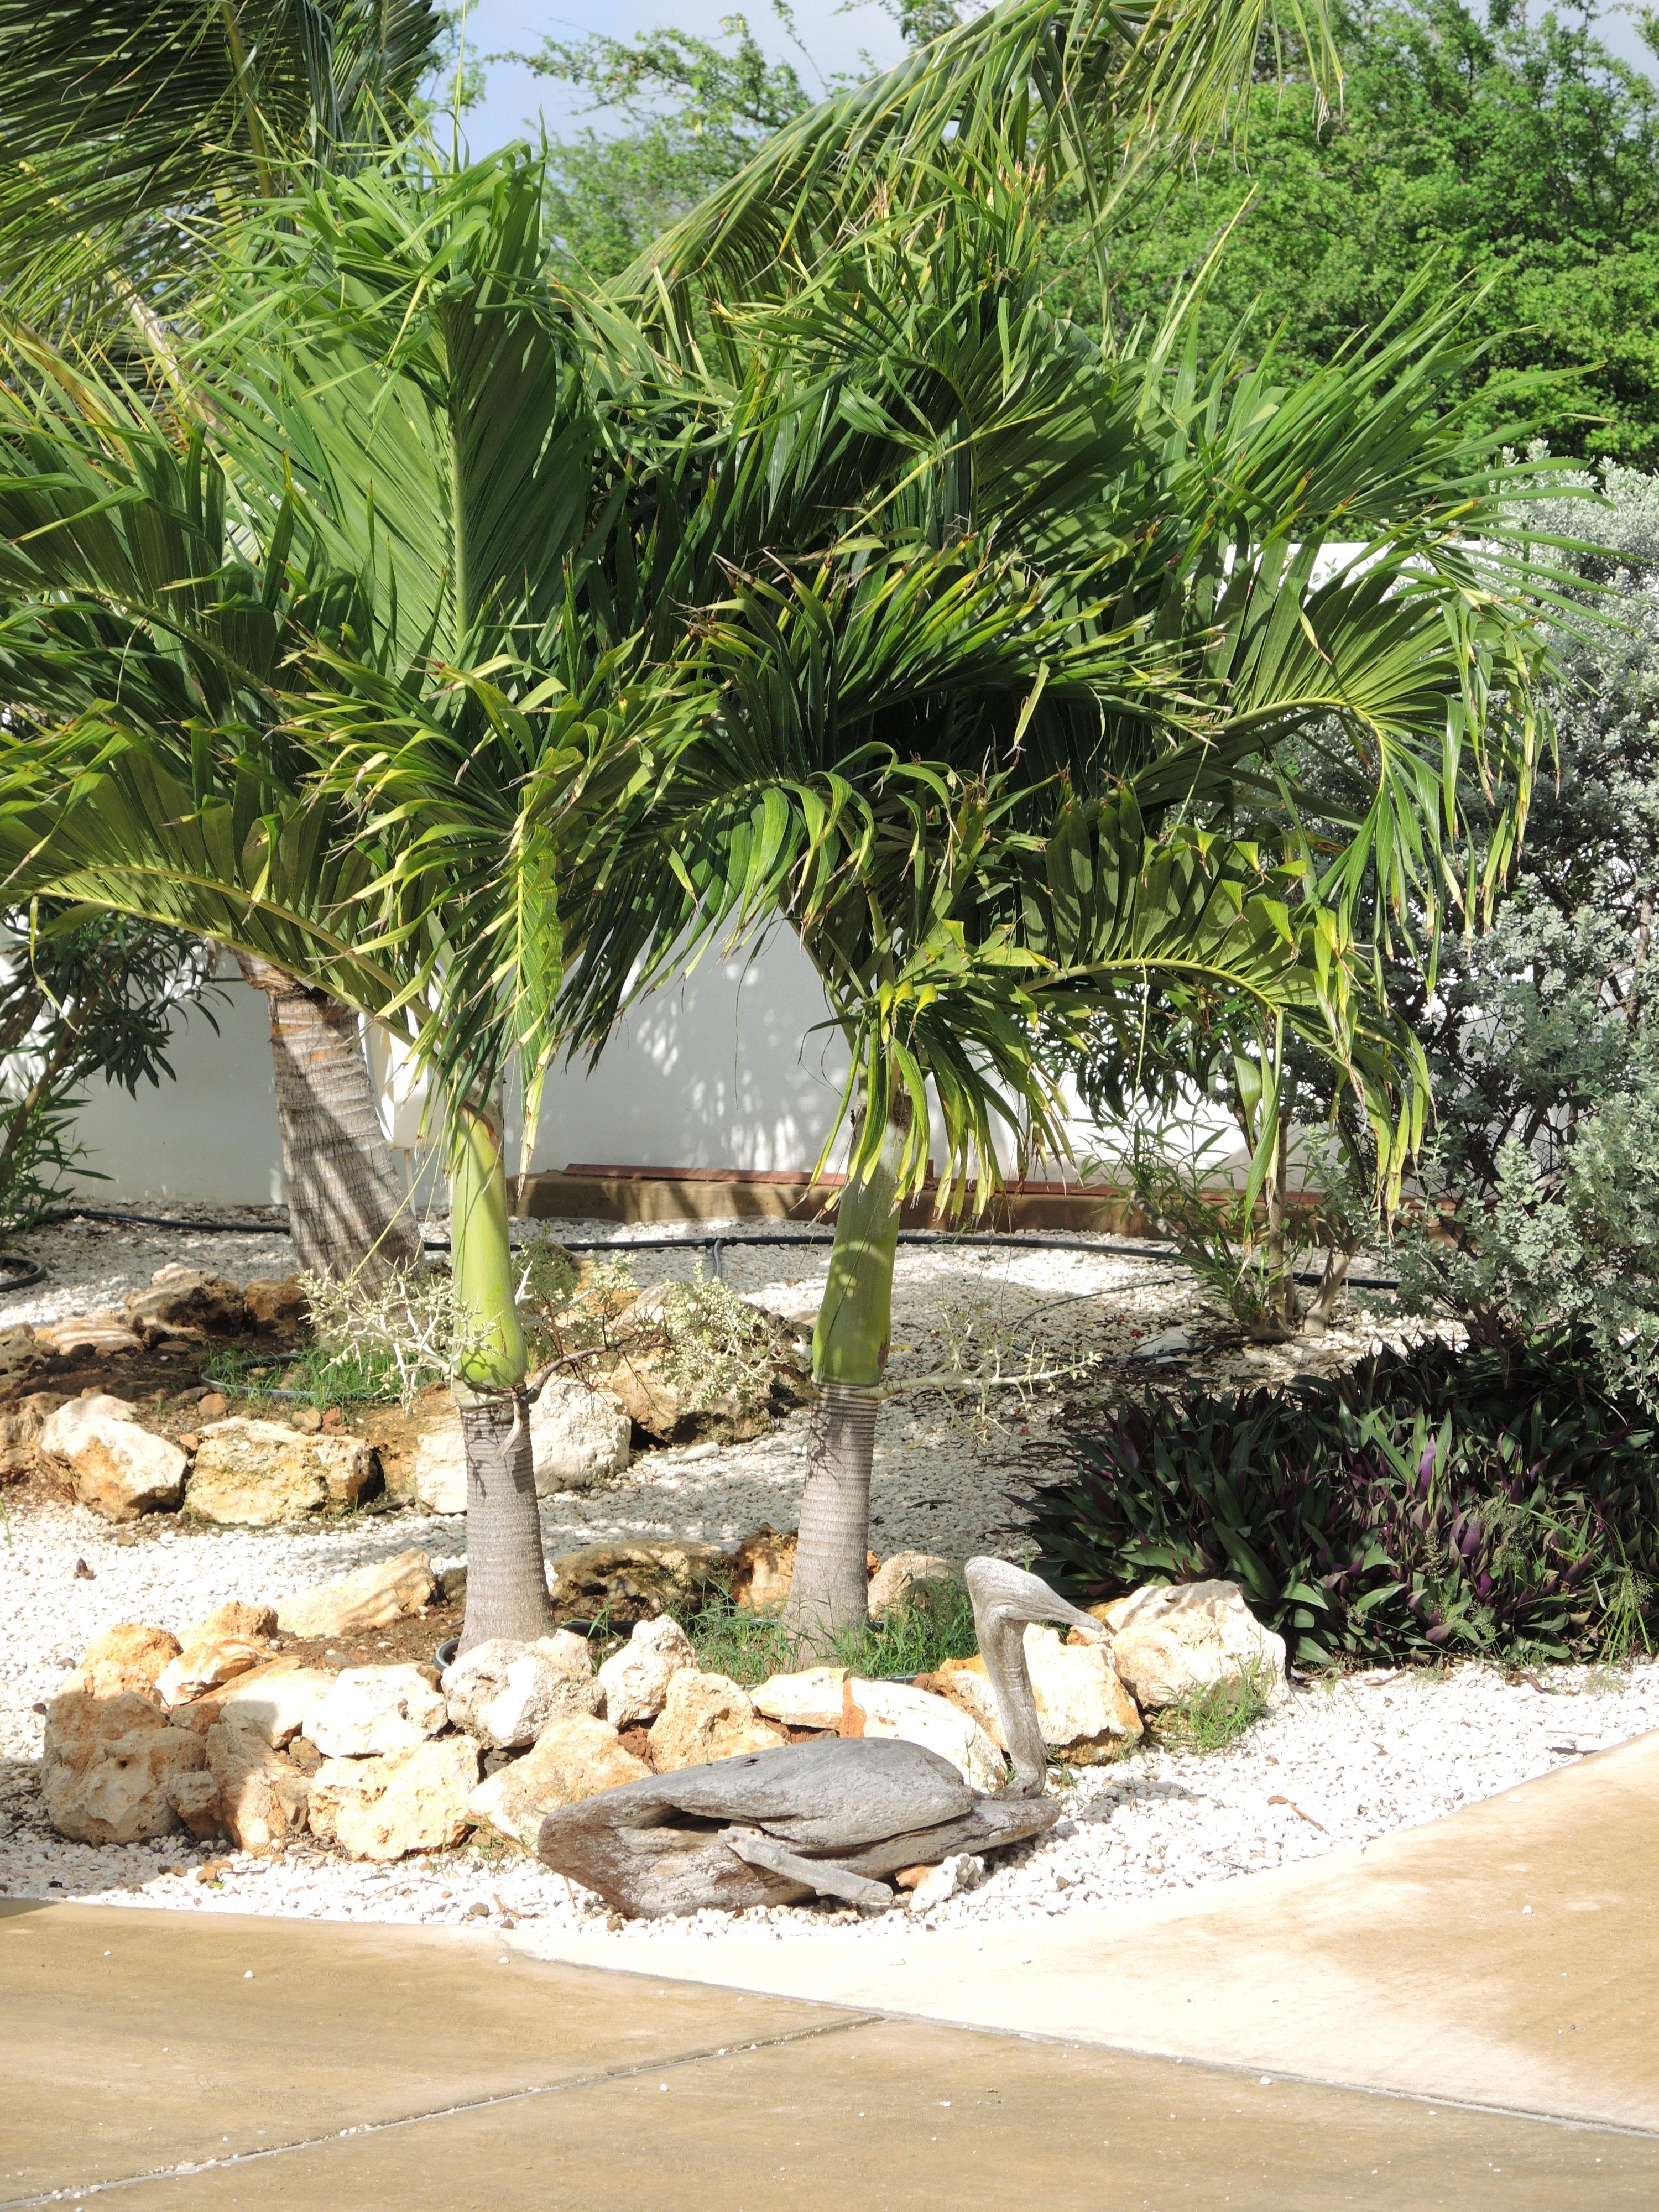 Driftwood art in the tropical garden